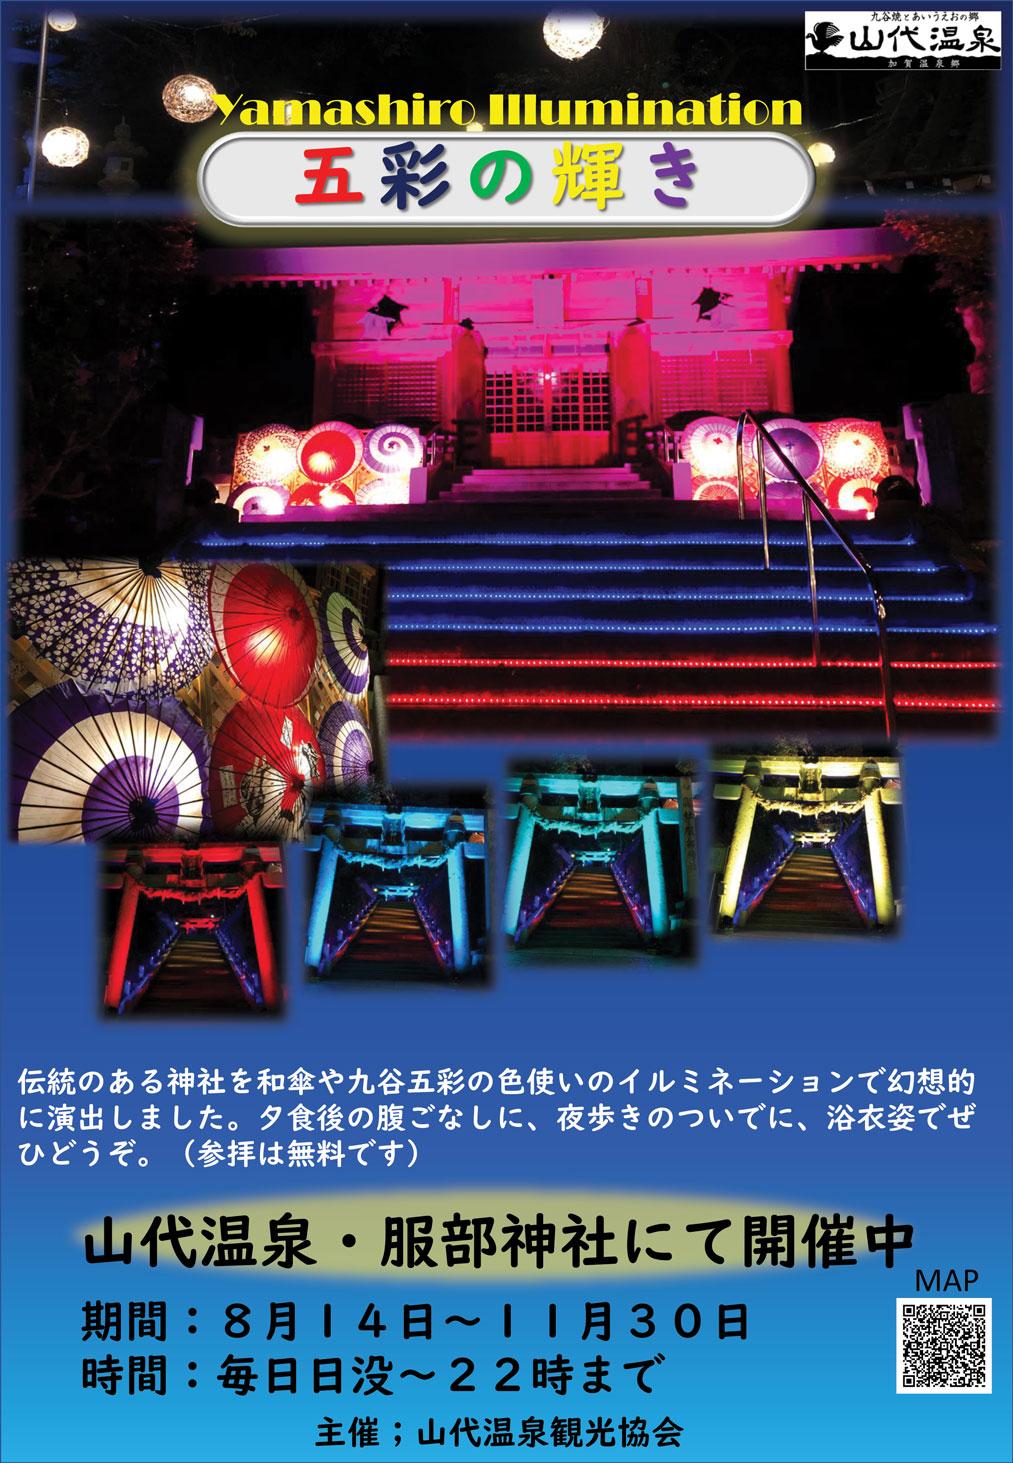 Yamashiro illumination「五彩の輝き」